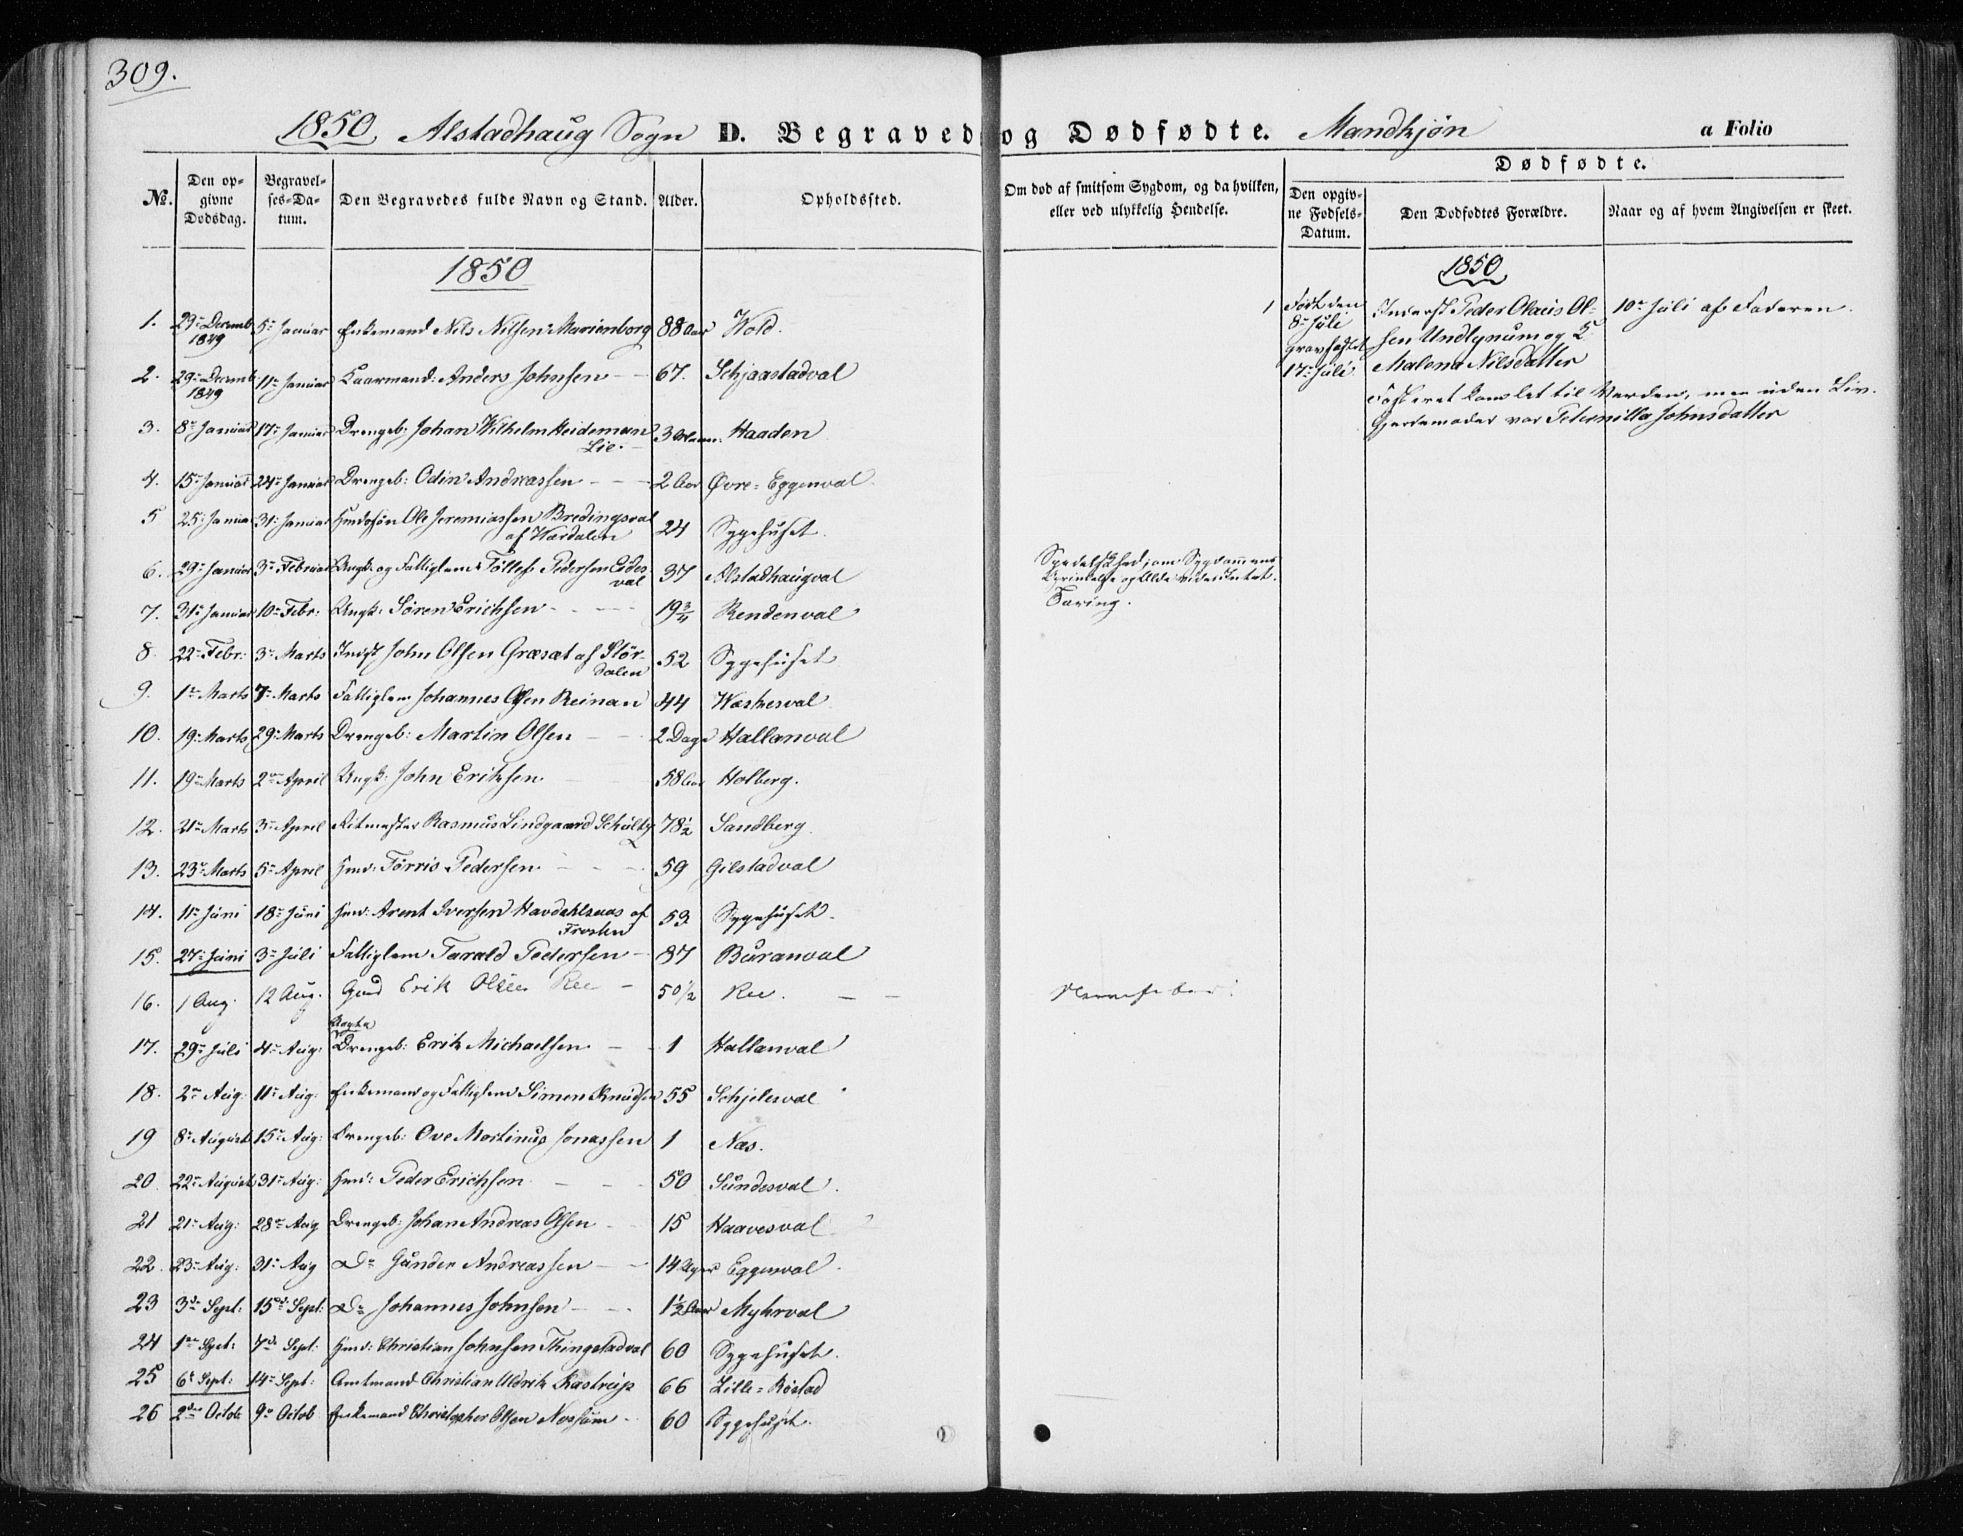 SAT, Ministerialprotokoller, klokkerbøker og fødselsregistre - Nord-Trøndelag, 717/L0154: Ministerialbok nr. 717A07 /1, 1850-1862, s. 309